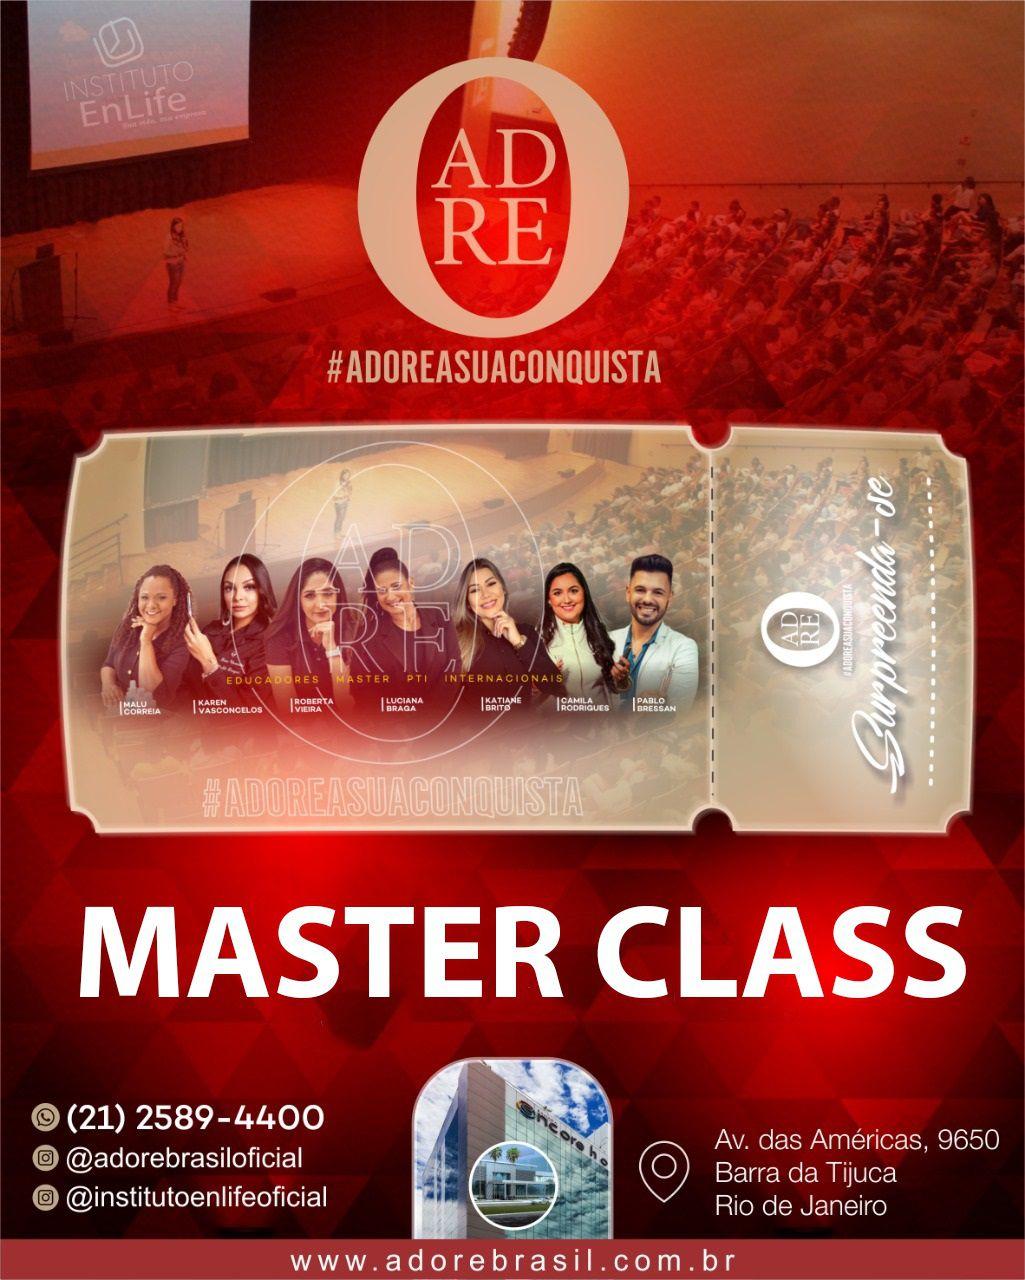 INGRESSO MASTER CLASS PARA O EVENTO #ADOREASUACONQUISTA